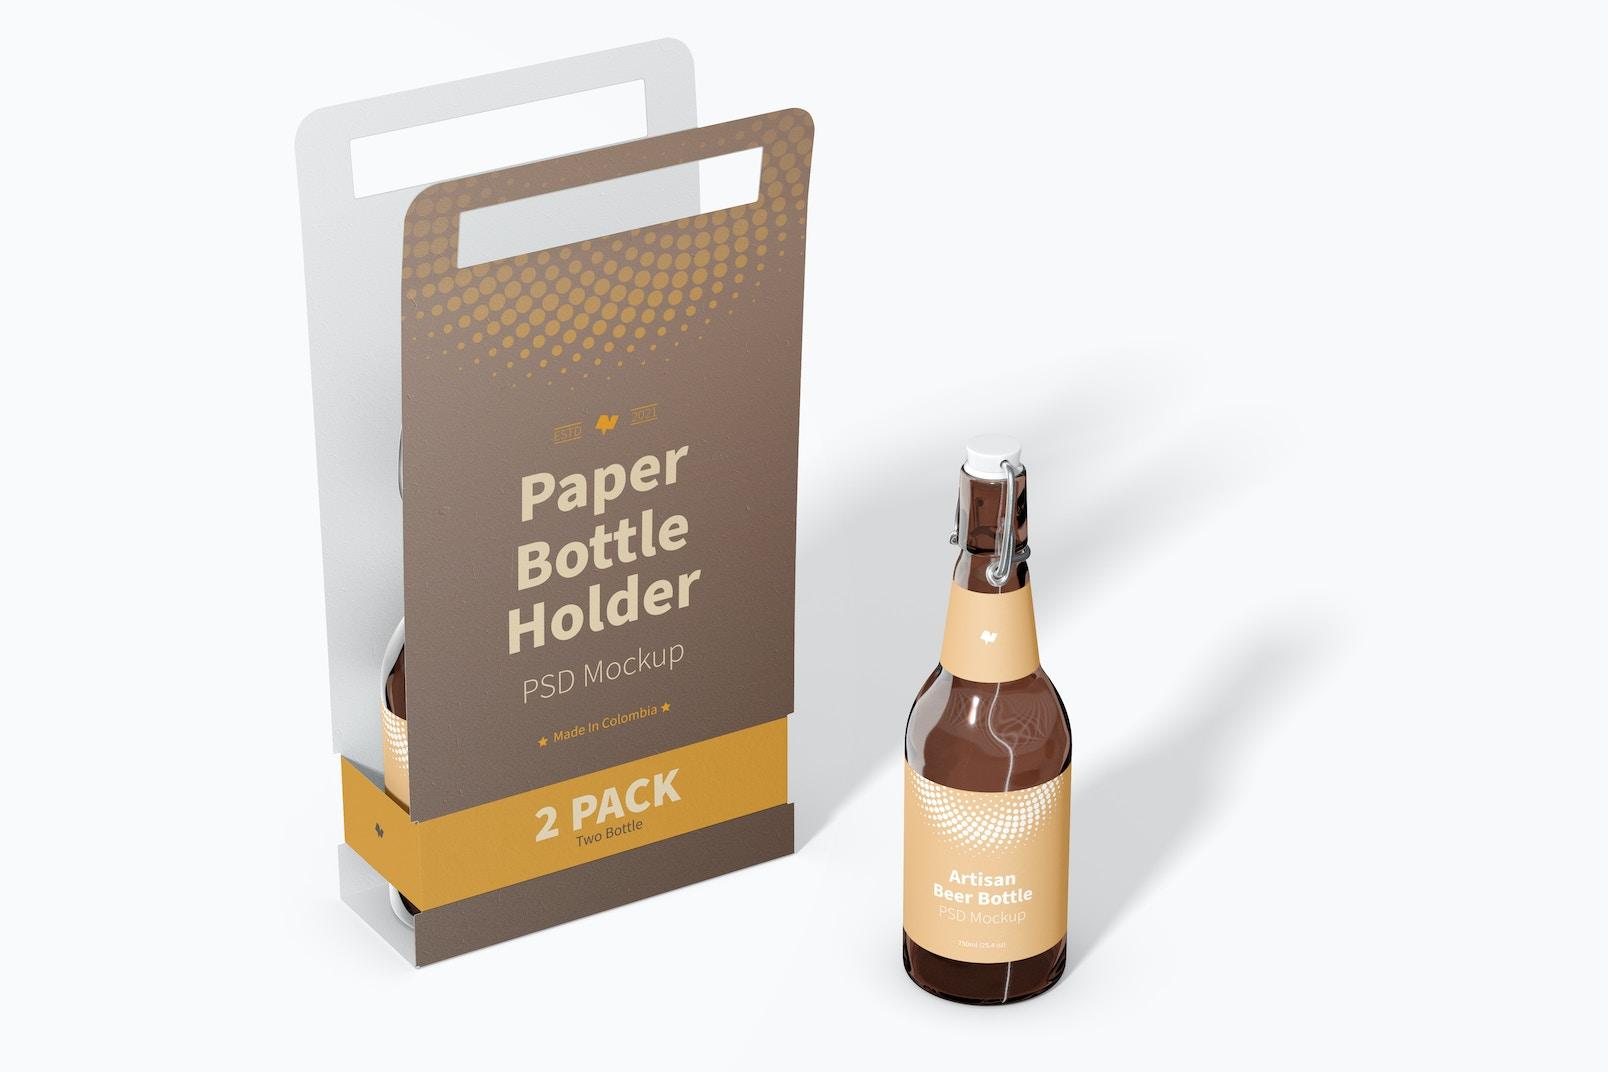 2 Pack Paper Bottle Holder Mockup, Perspective